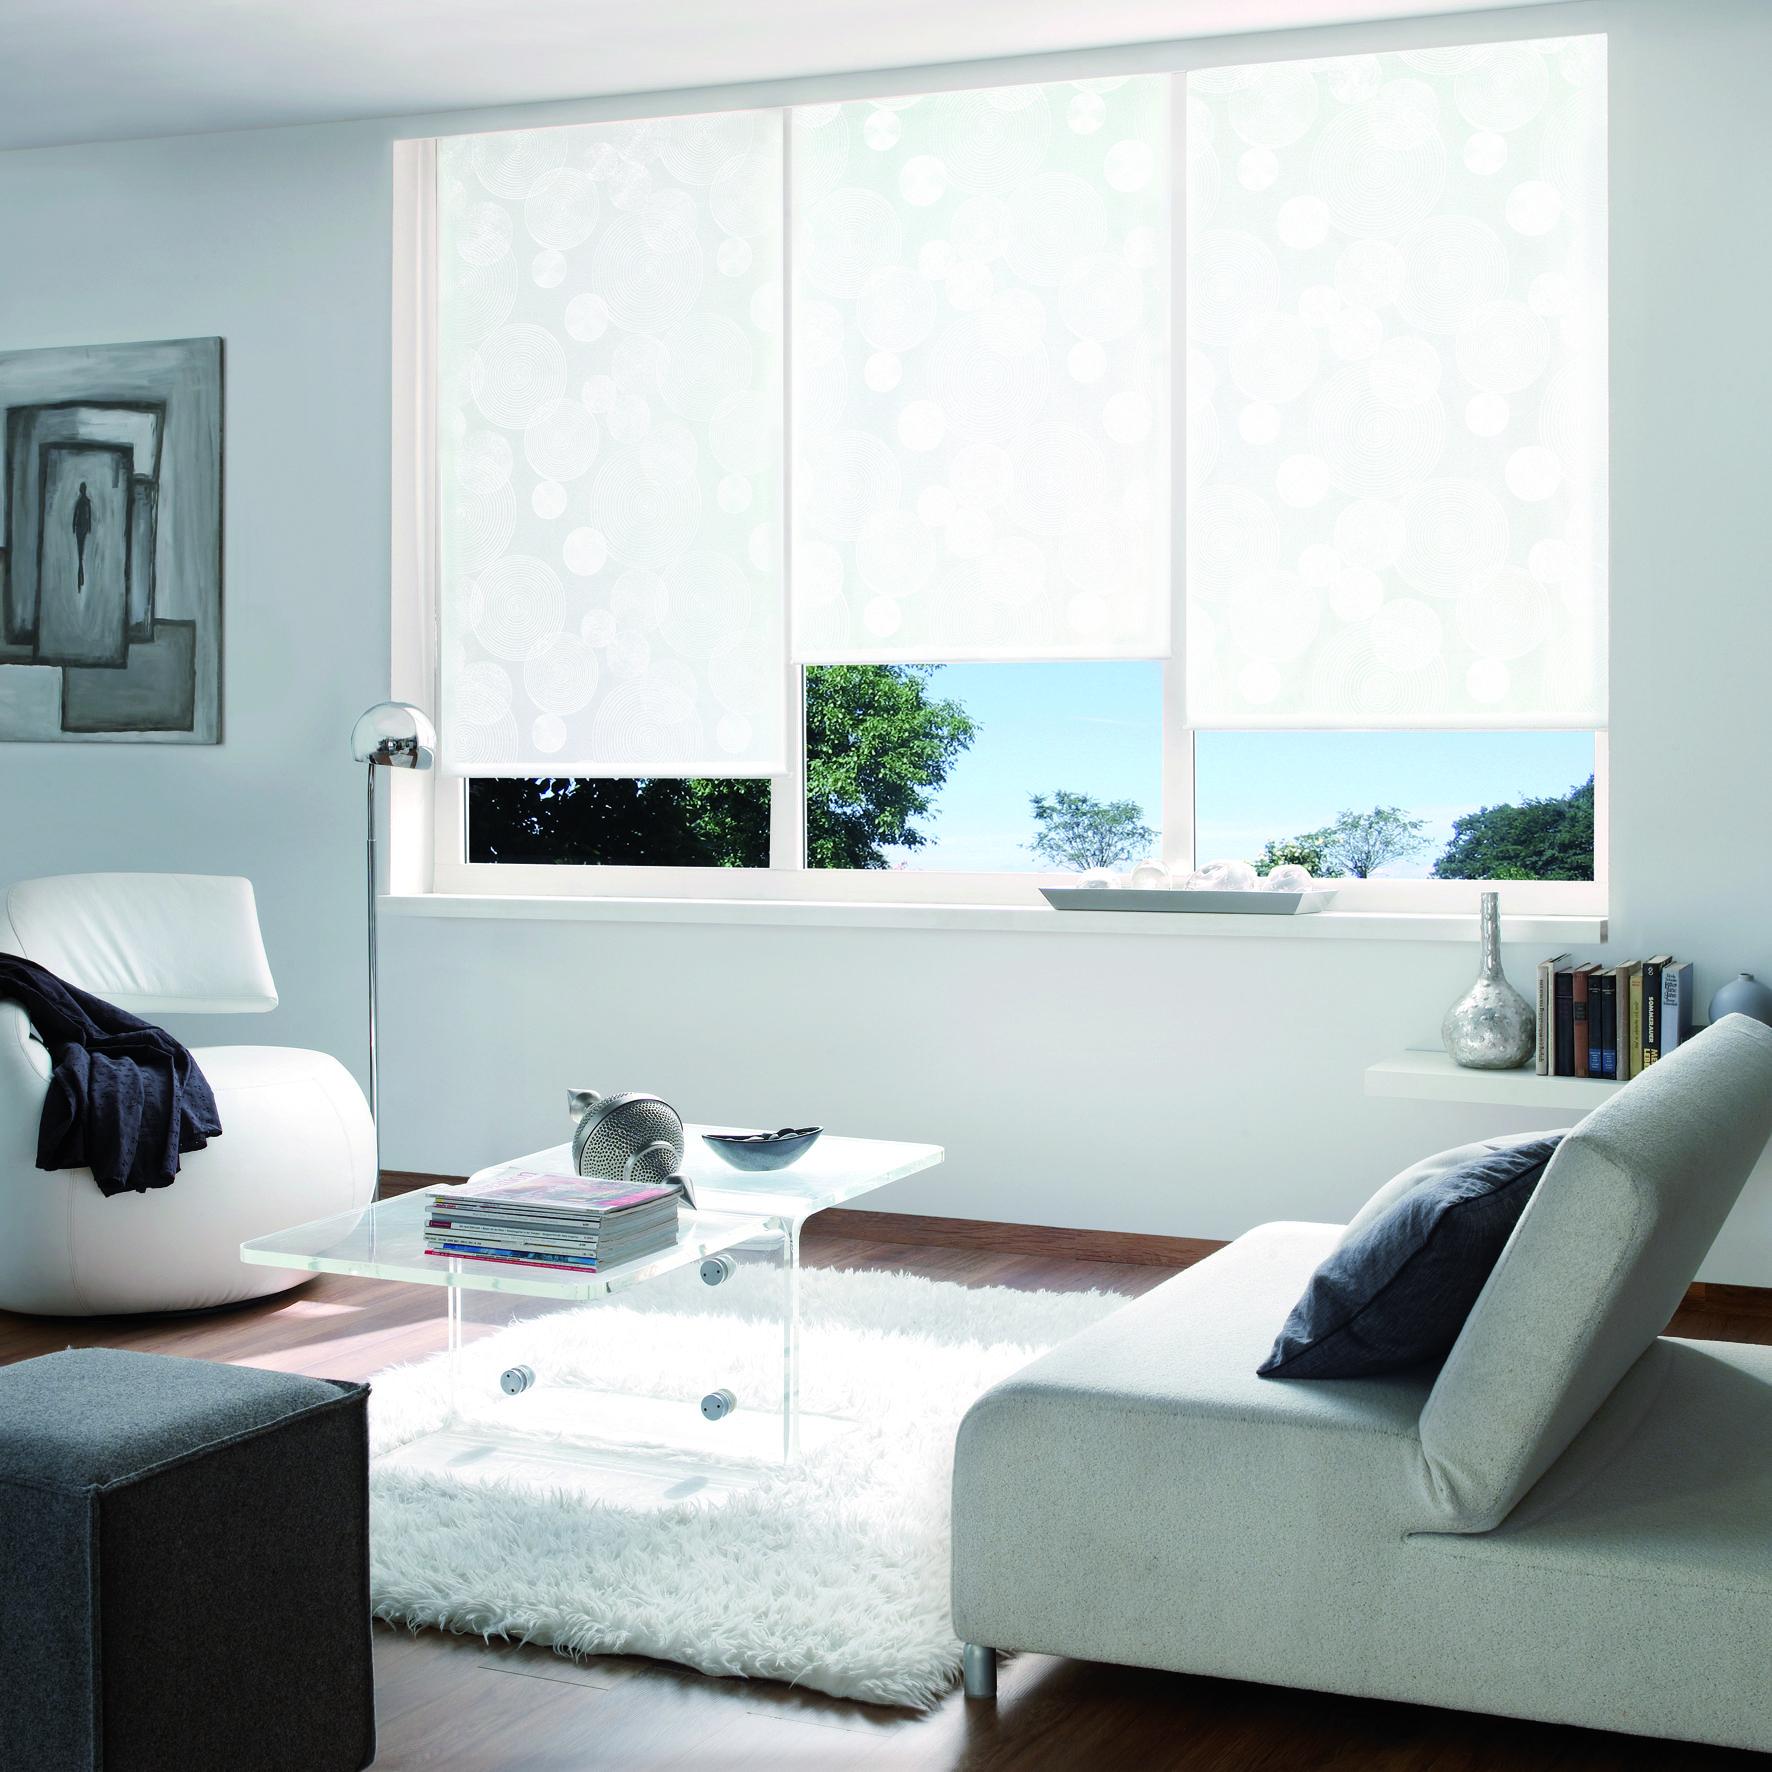 Ein Rollo Sorgt Fur Einen Angenehmen Modernen Sonnenschutz Designorientierte Oberflachen Bei Raumg Deko Wohnzimmer Modern Dekoideen Wohnzimmer Raumgestaltung